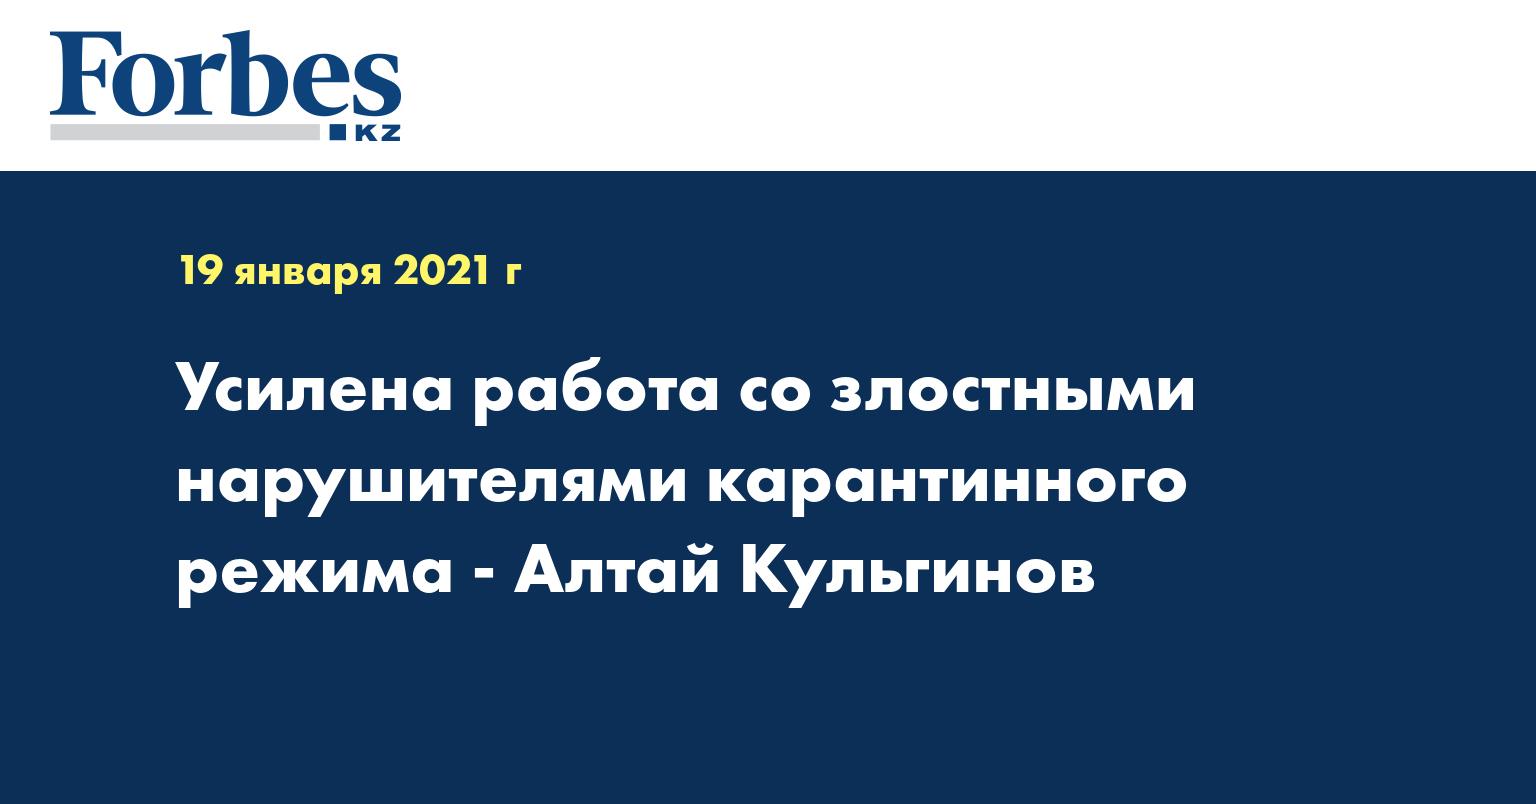 Усилена работа со злостными нарушителями карантинного режима - Алтай Кульгинов